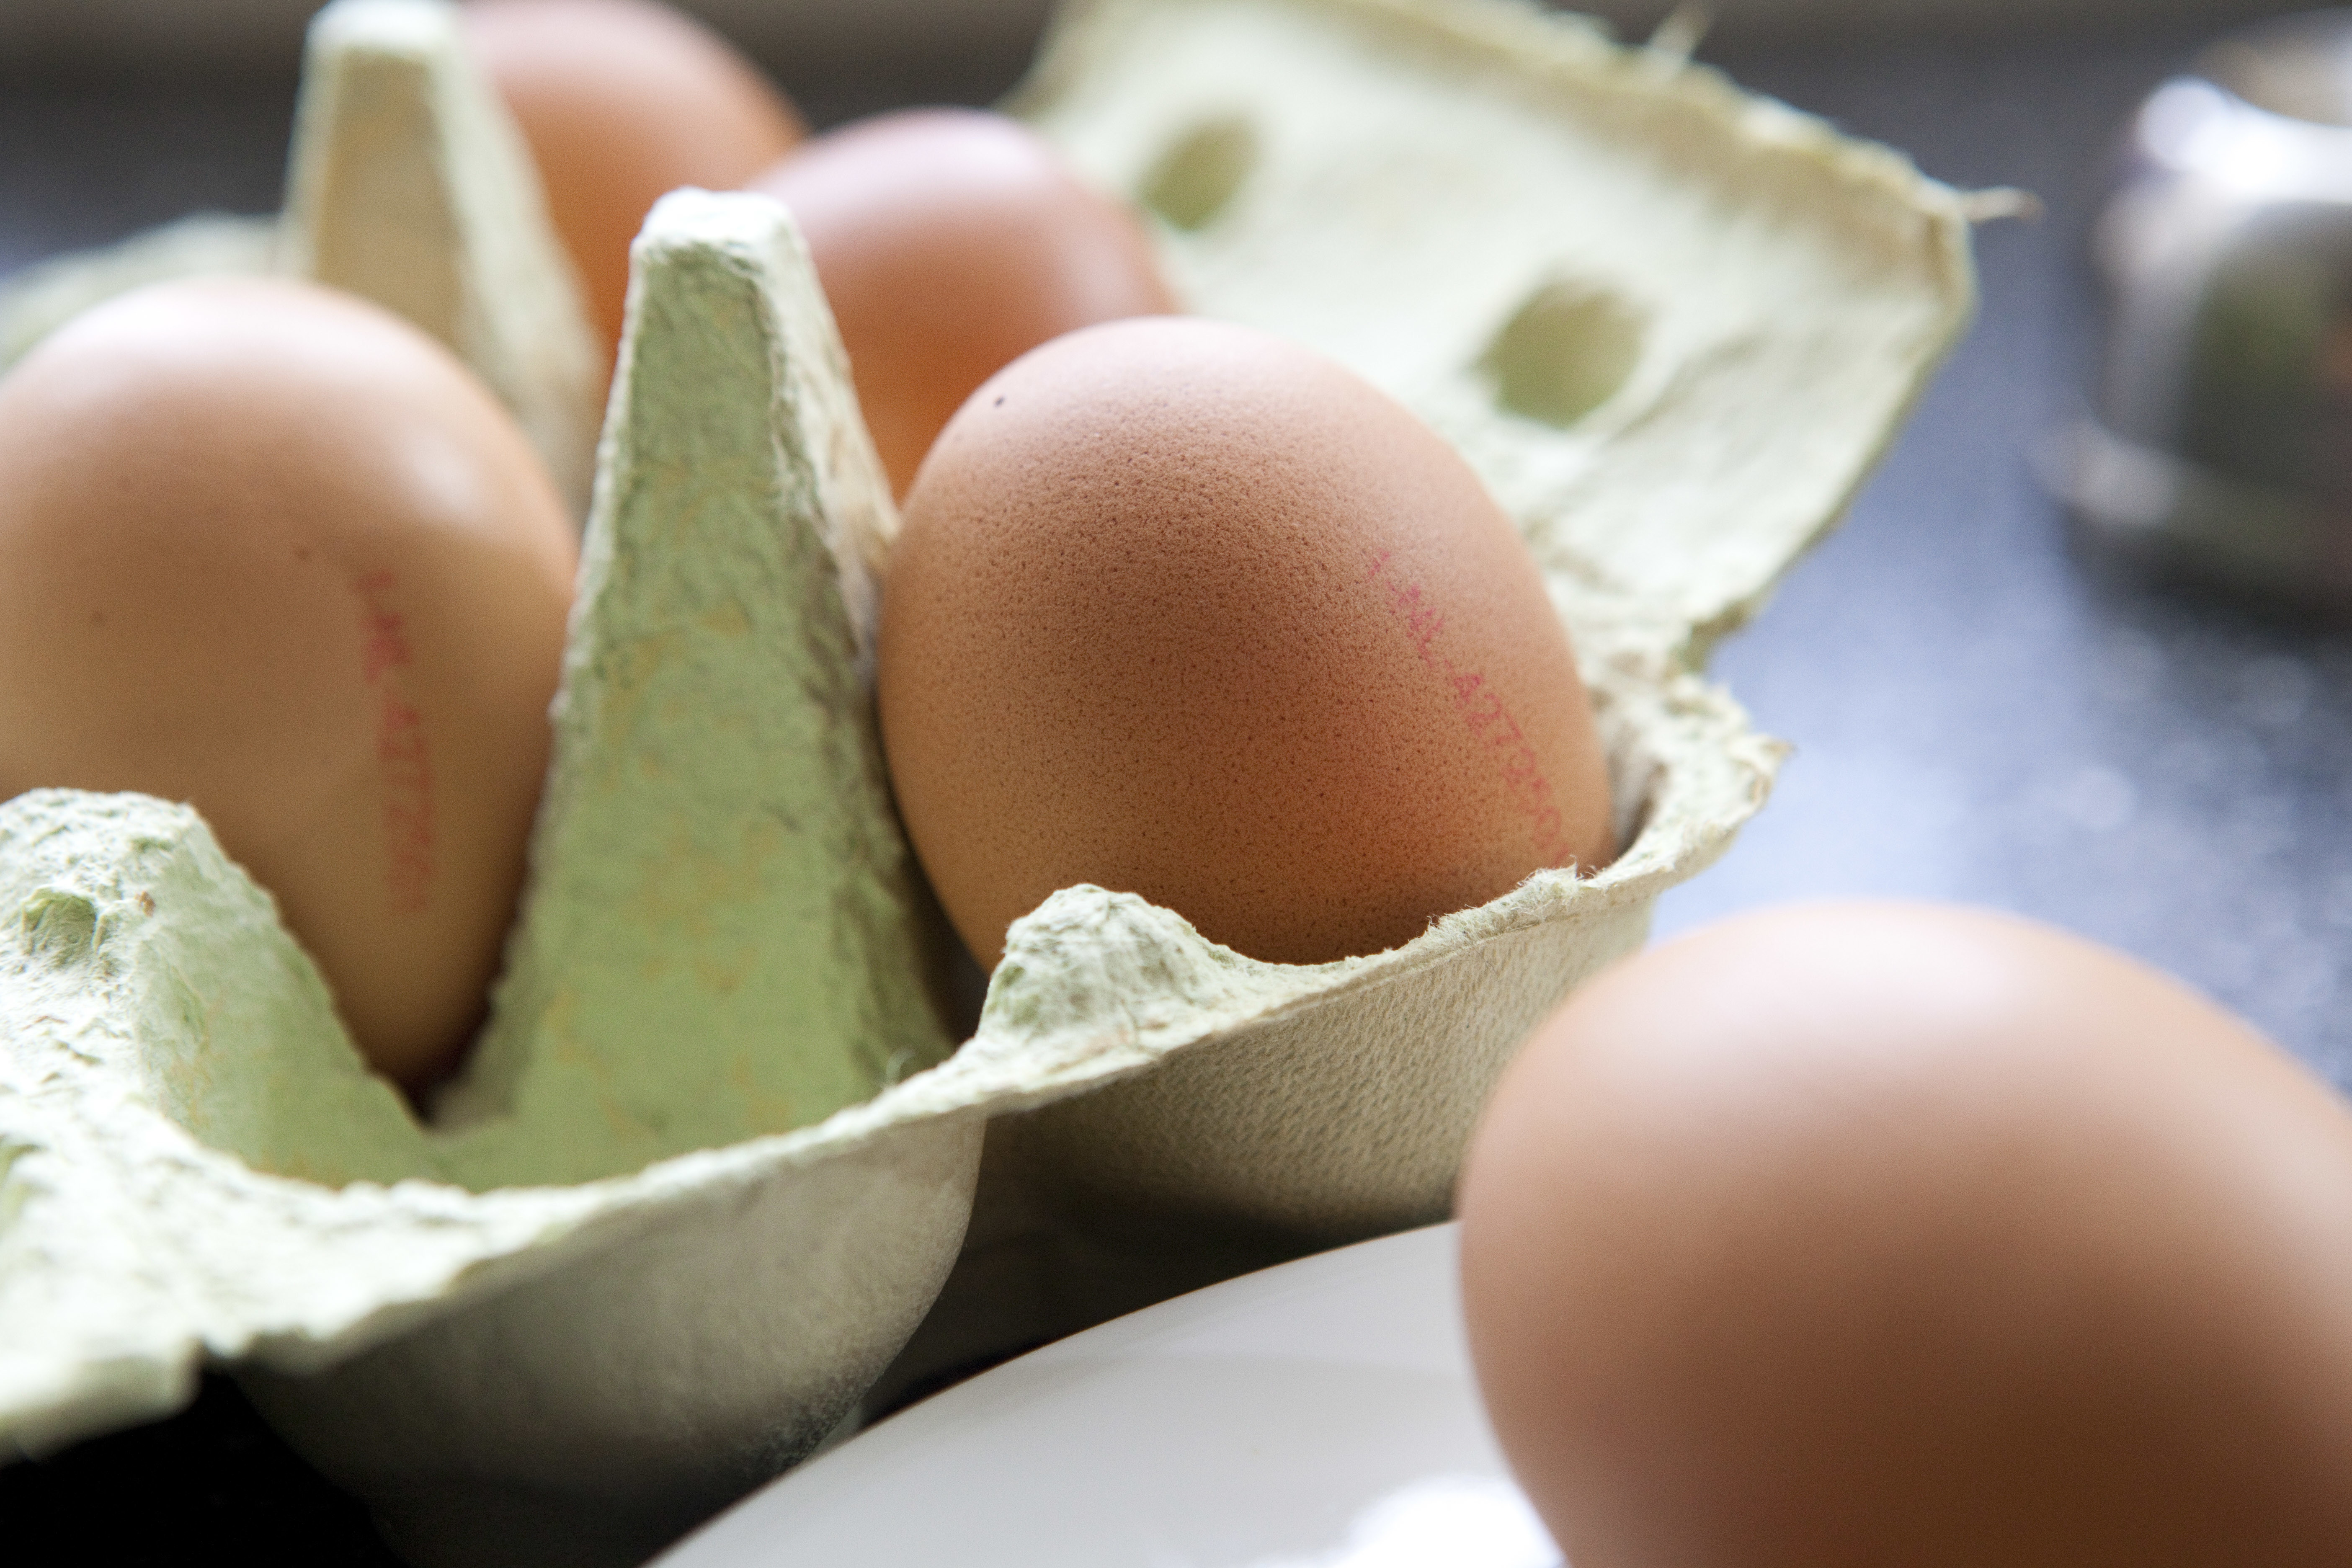 Recyling egg shells, what a cracking idea. Photo: Jan Willem Schouten